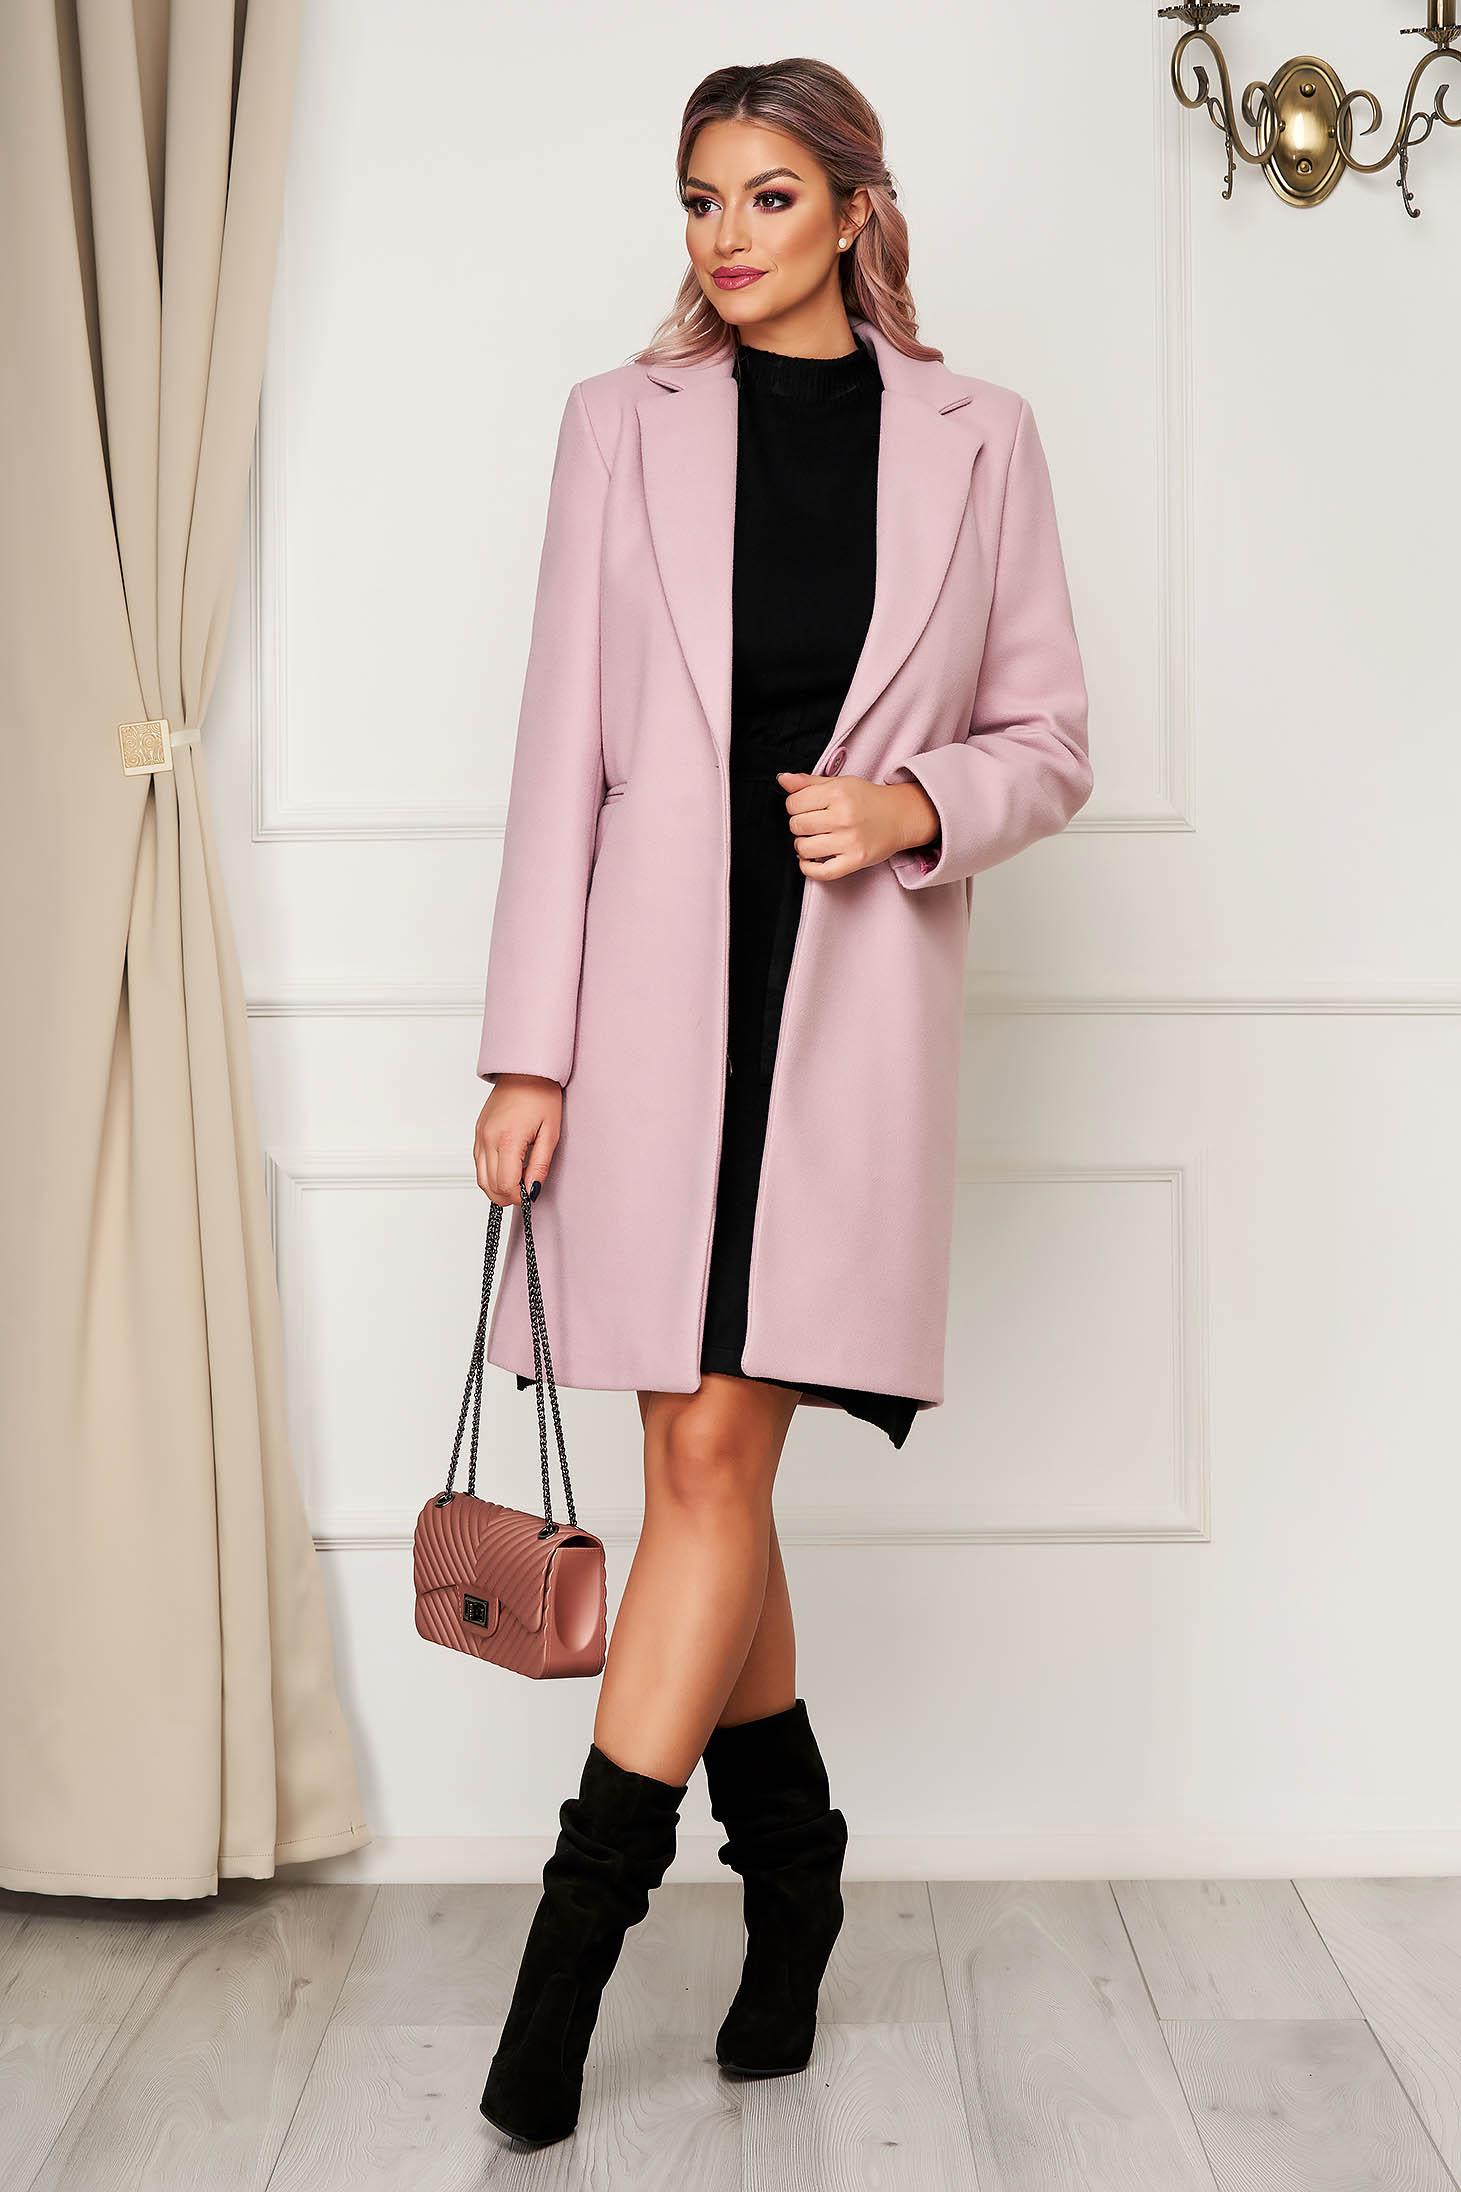 Palton SunShine roz prafuit office din stofa cu un croi drept si buzunare